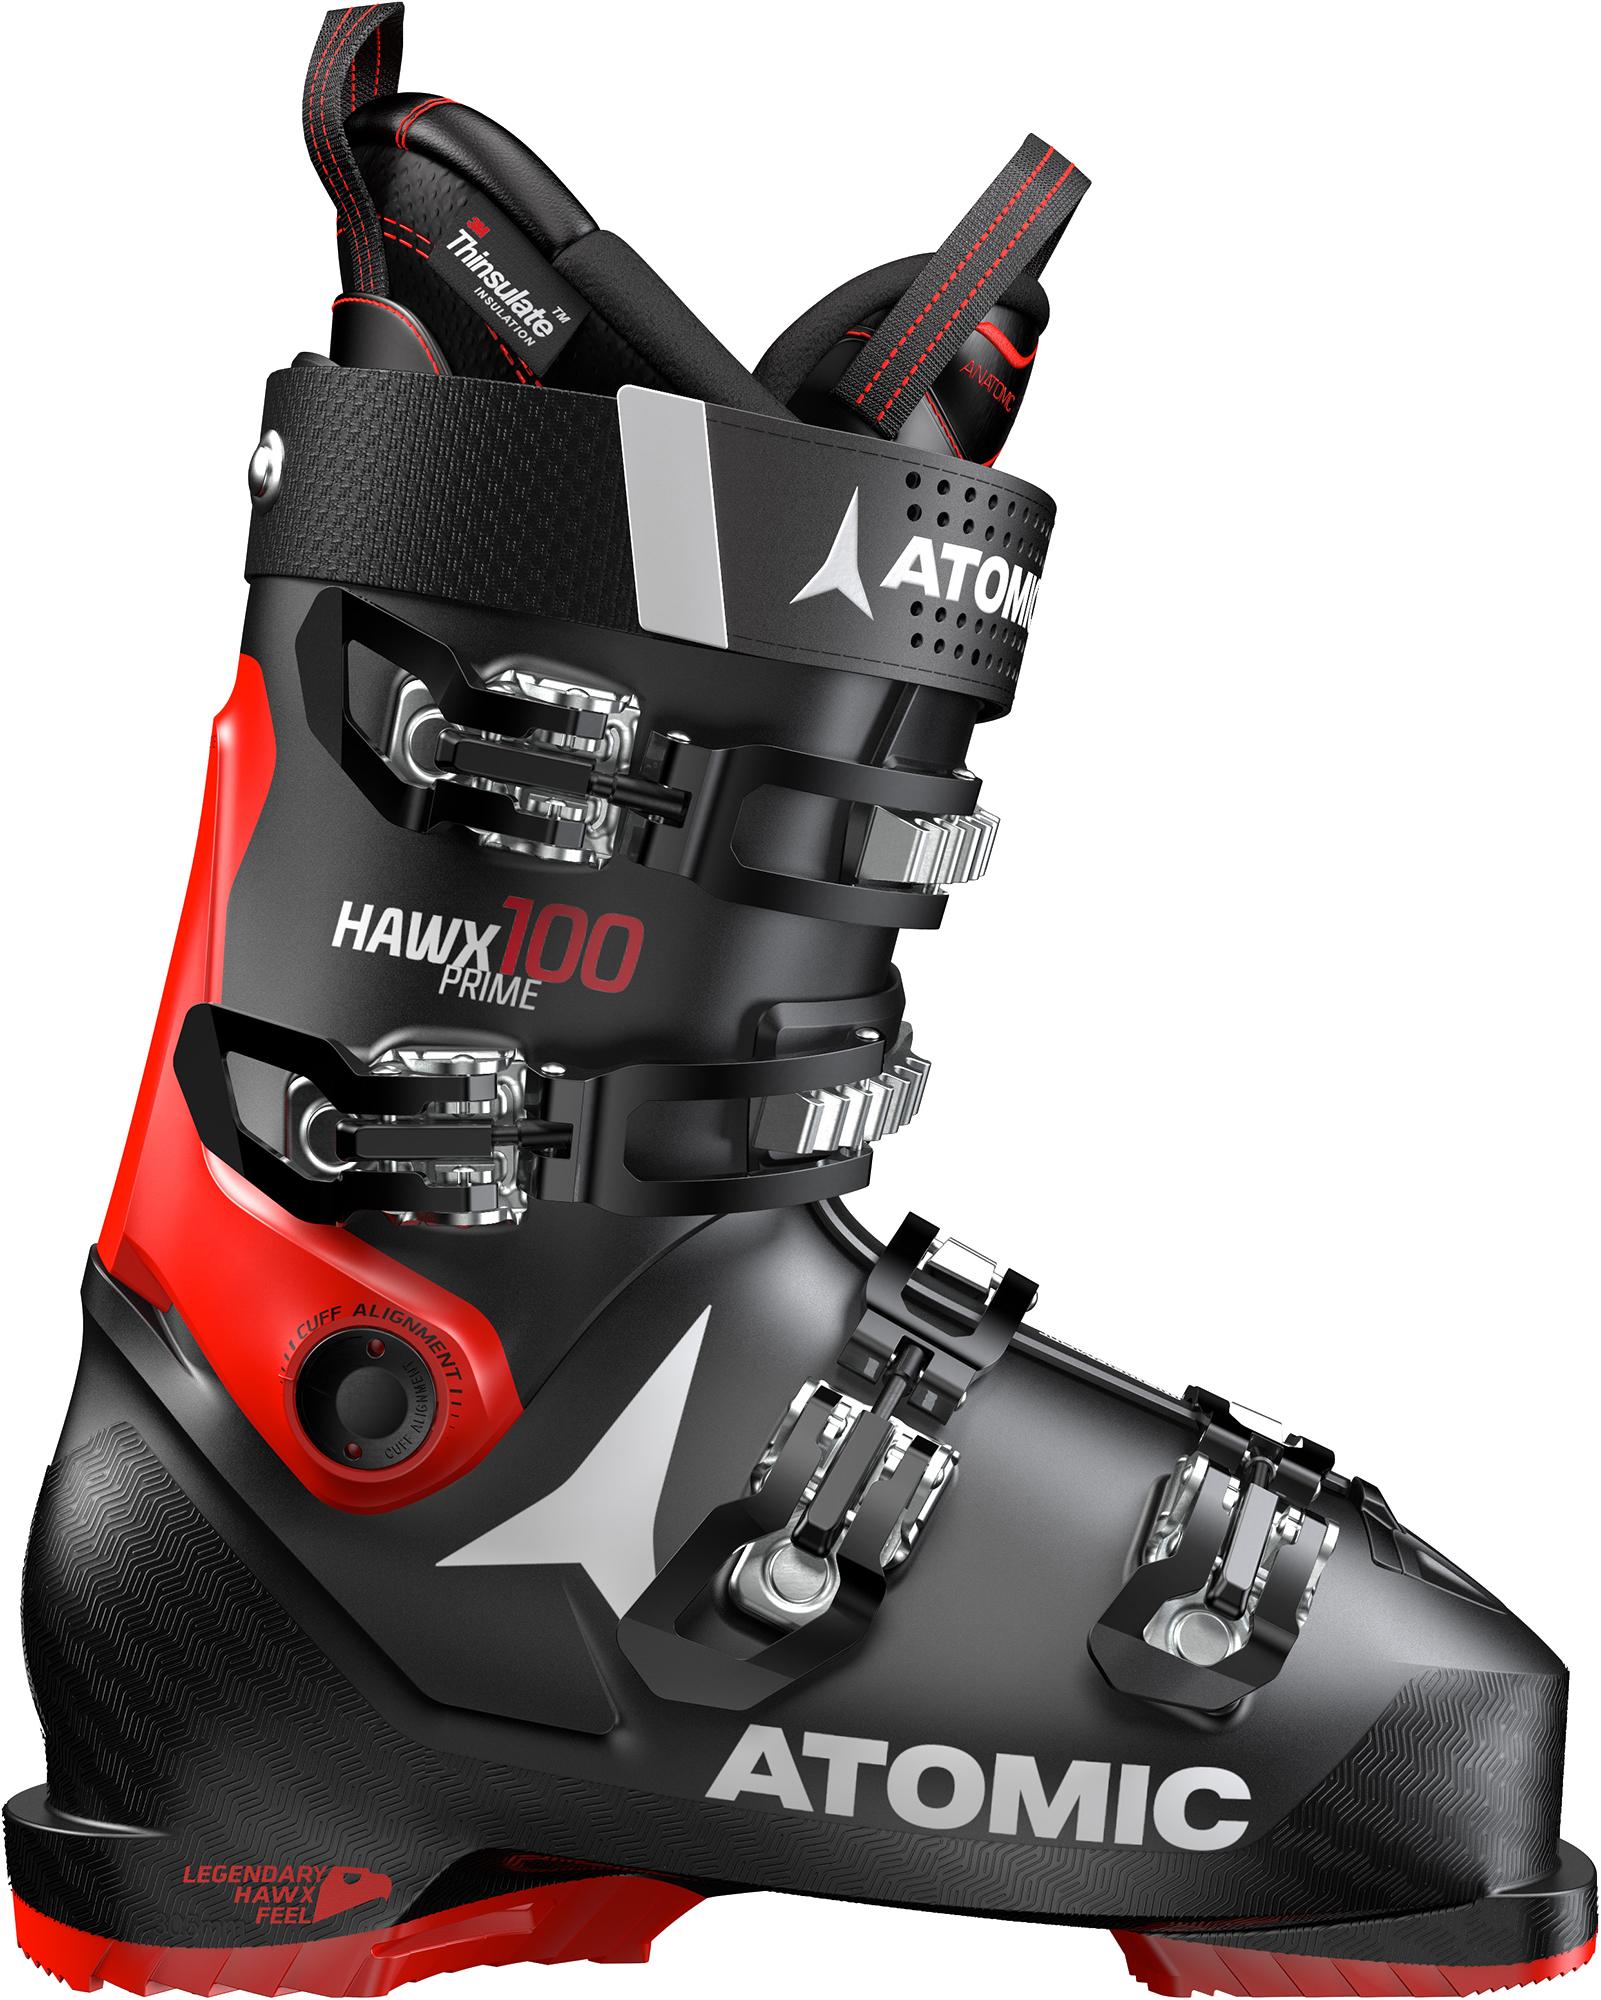 лучшая цена Atomic Ботинки горнолыжные Atomic Hawx Prime 100, размер 45